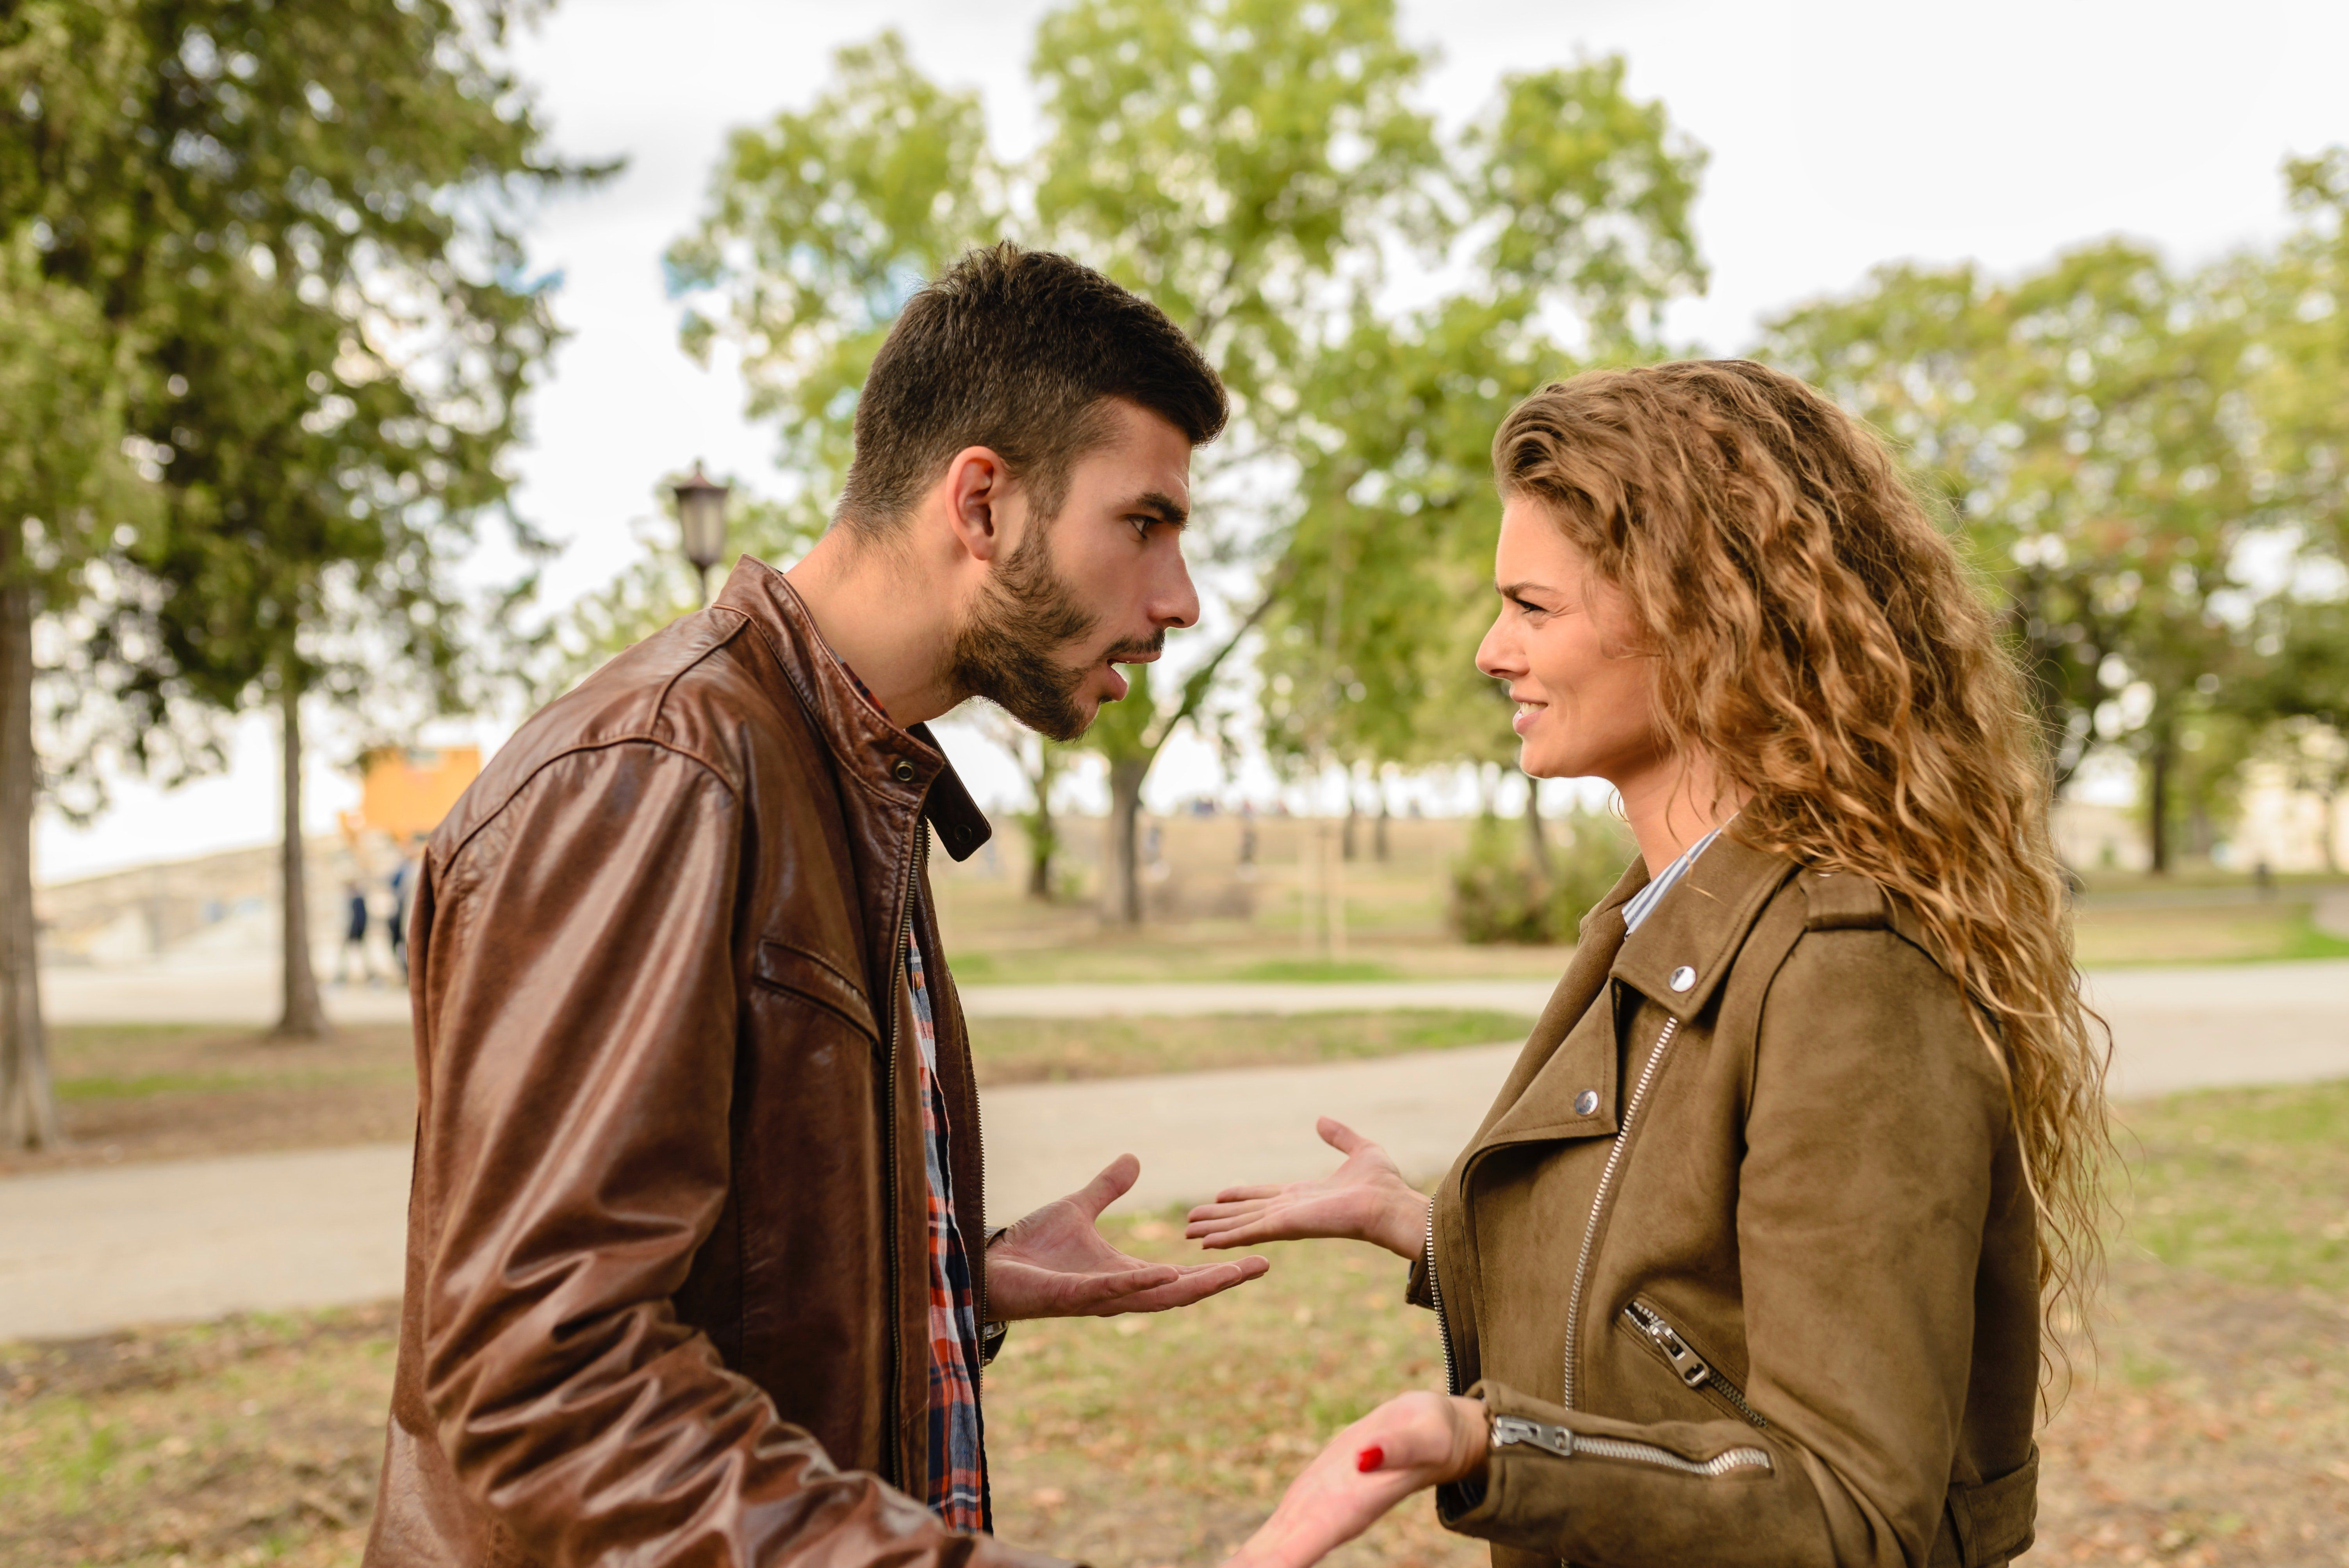 Cómo confiar en tu nueva pareja cuando la anterior te fue